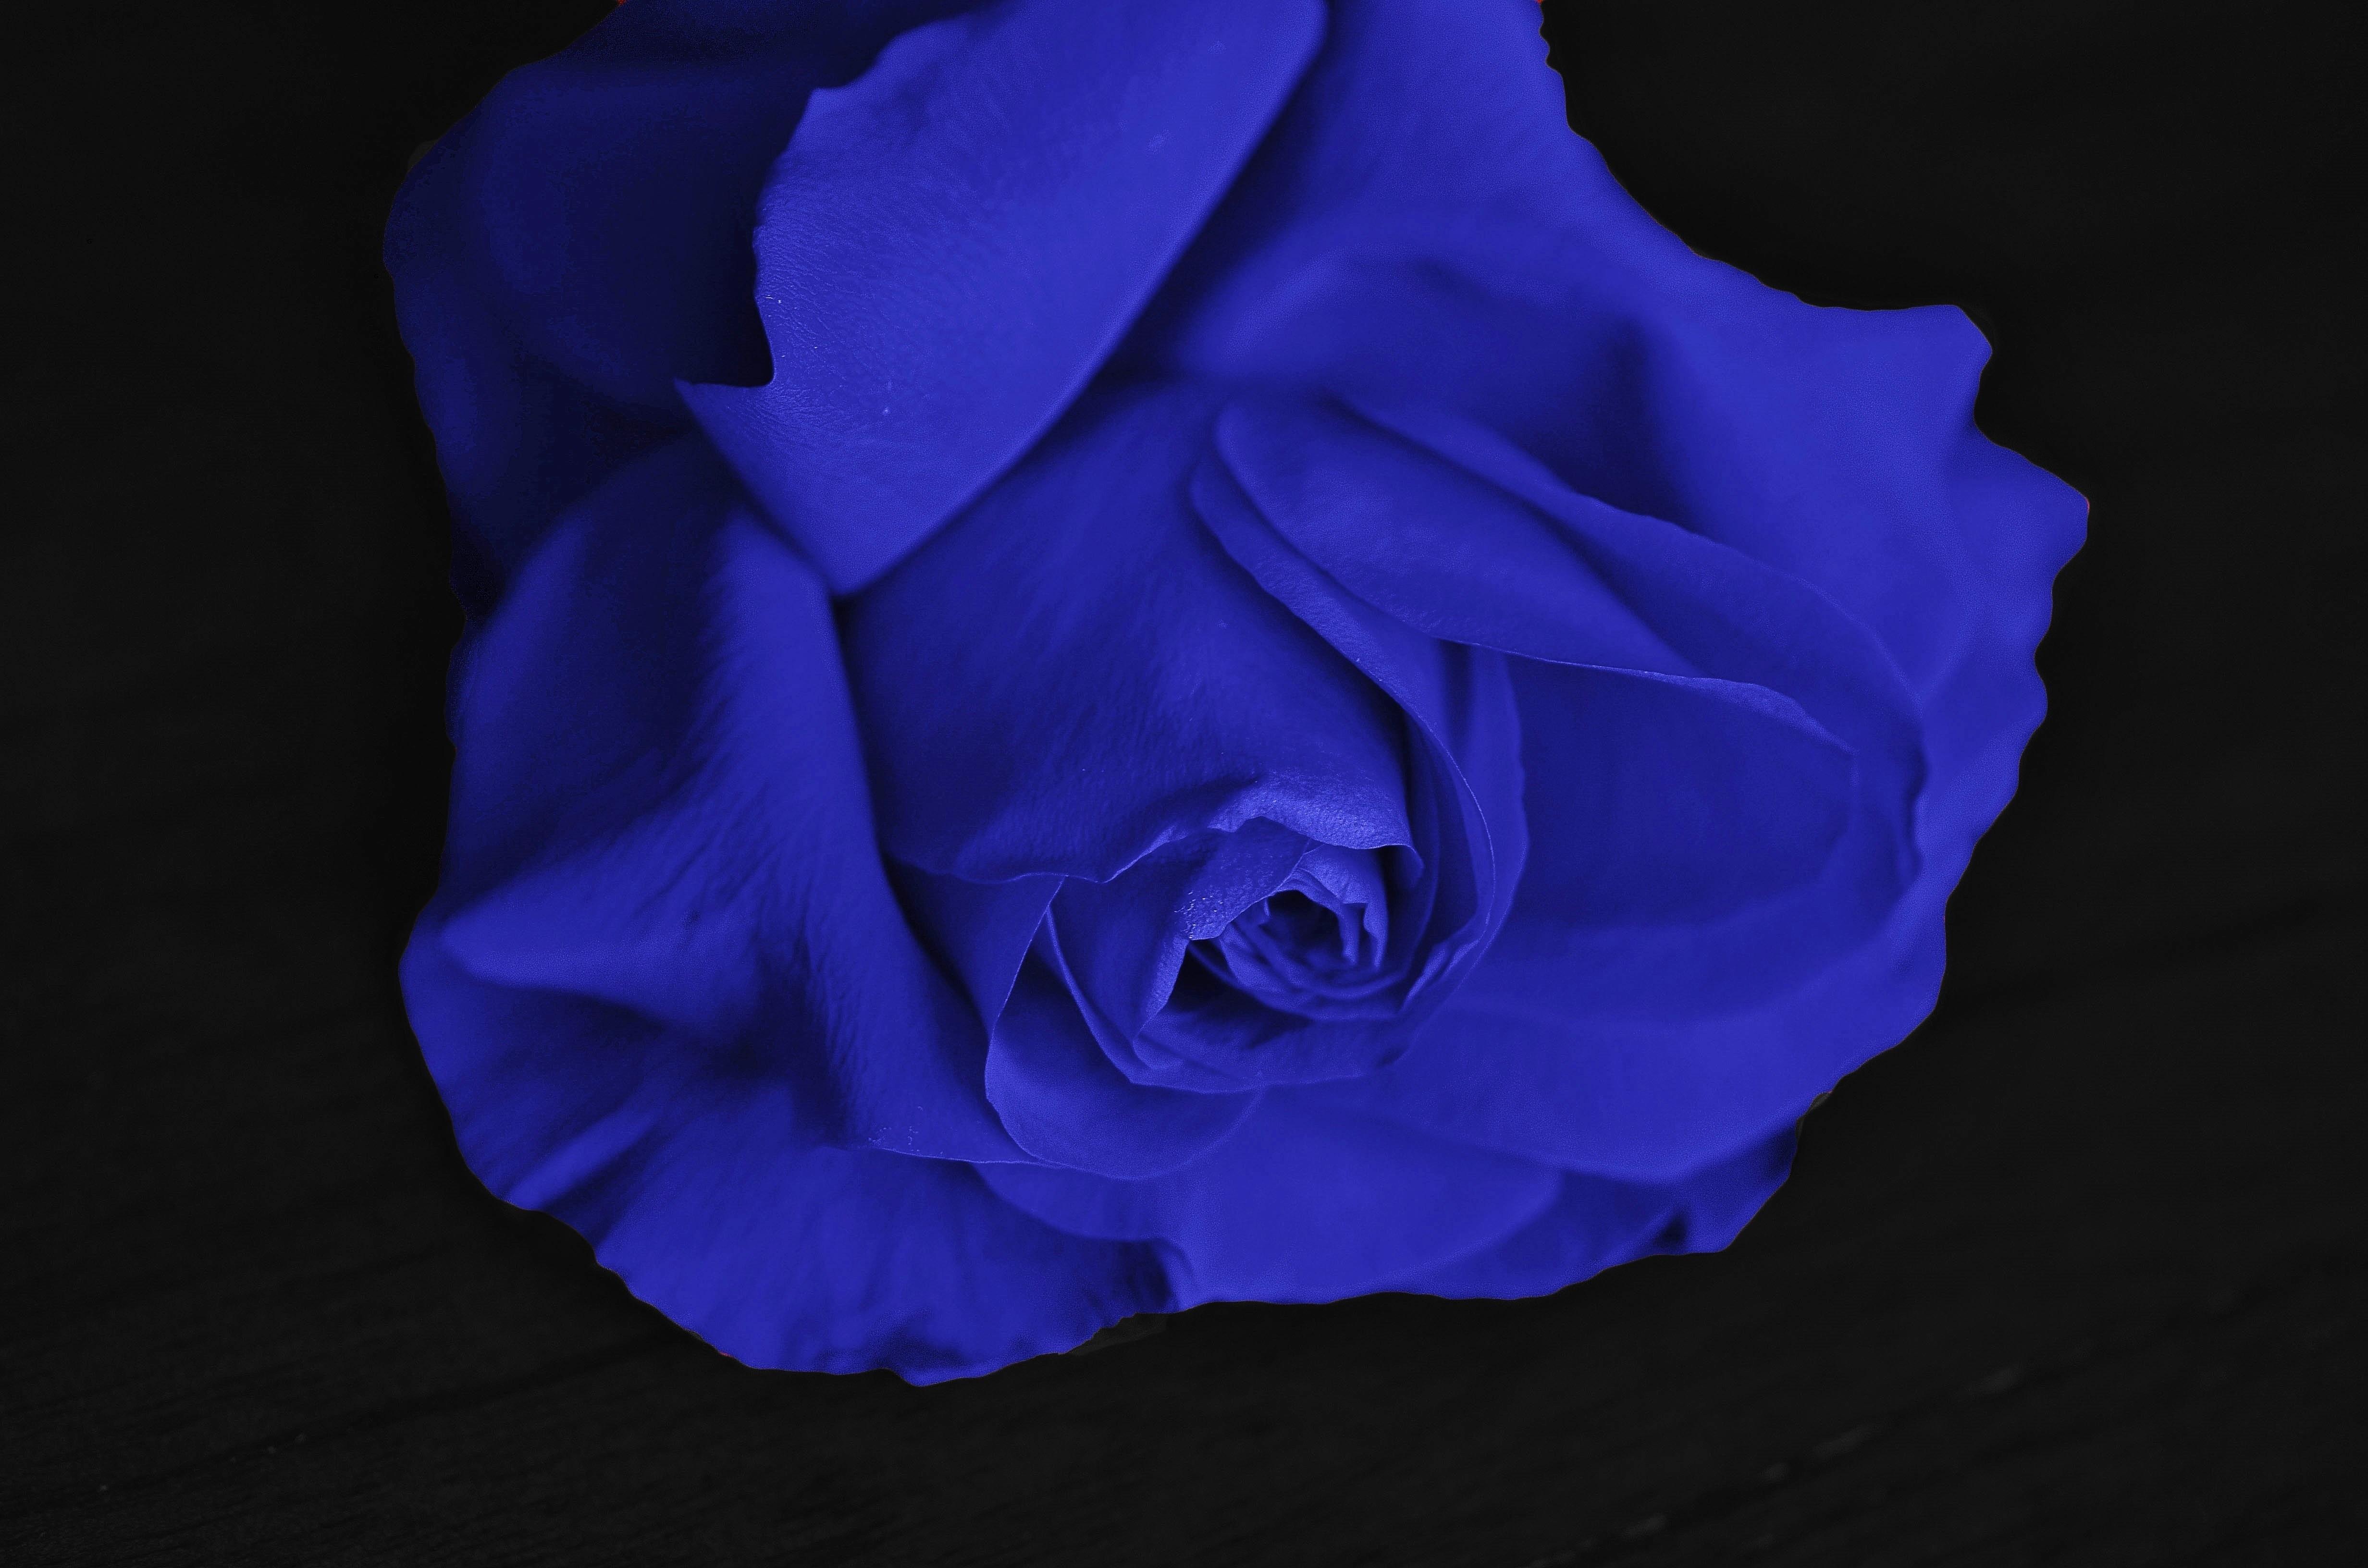 Free Images Flower Petal Love Color Romance Romantic Wedding